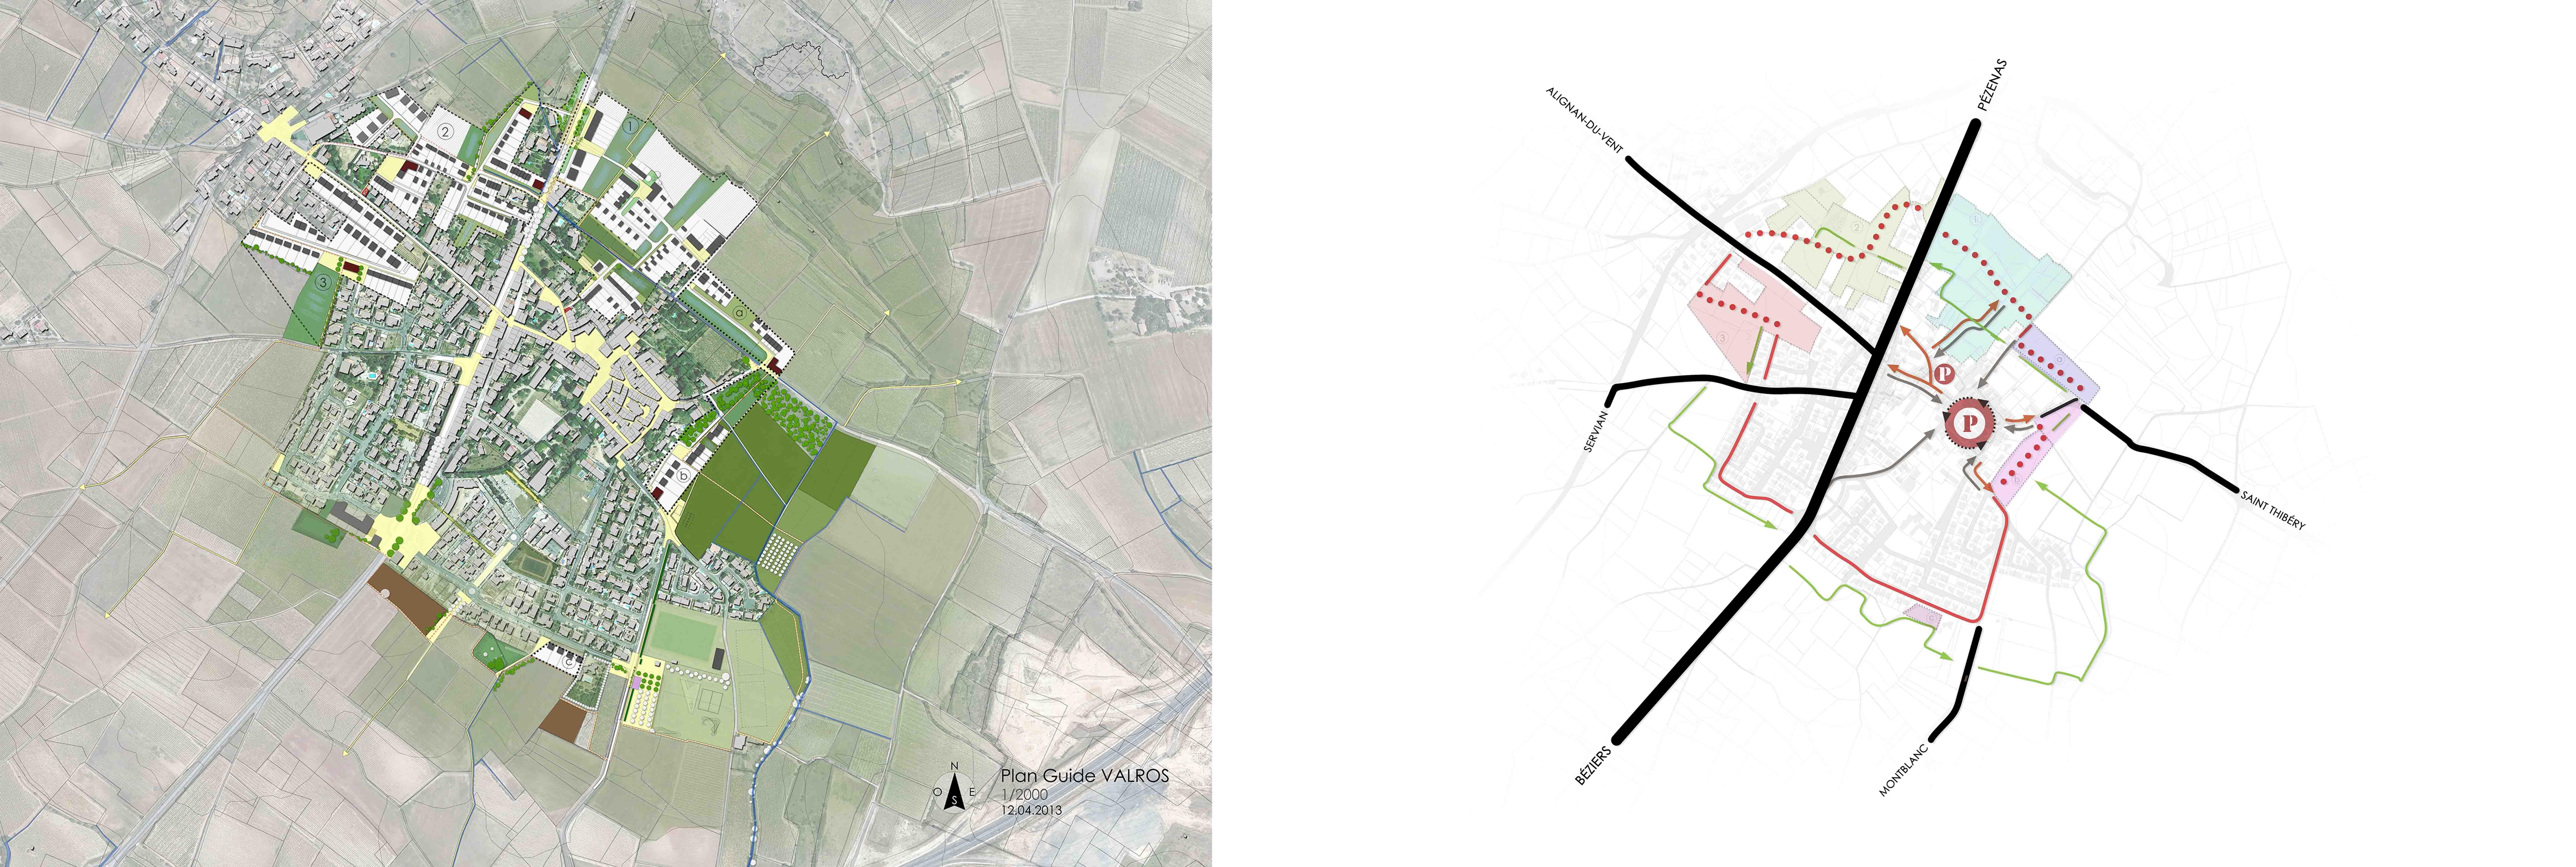 Décomposition Parc cultivé copie2.jpg